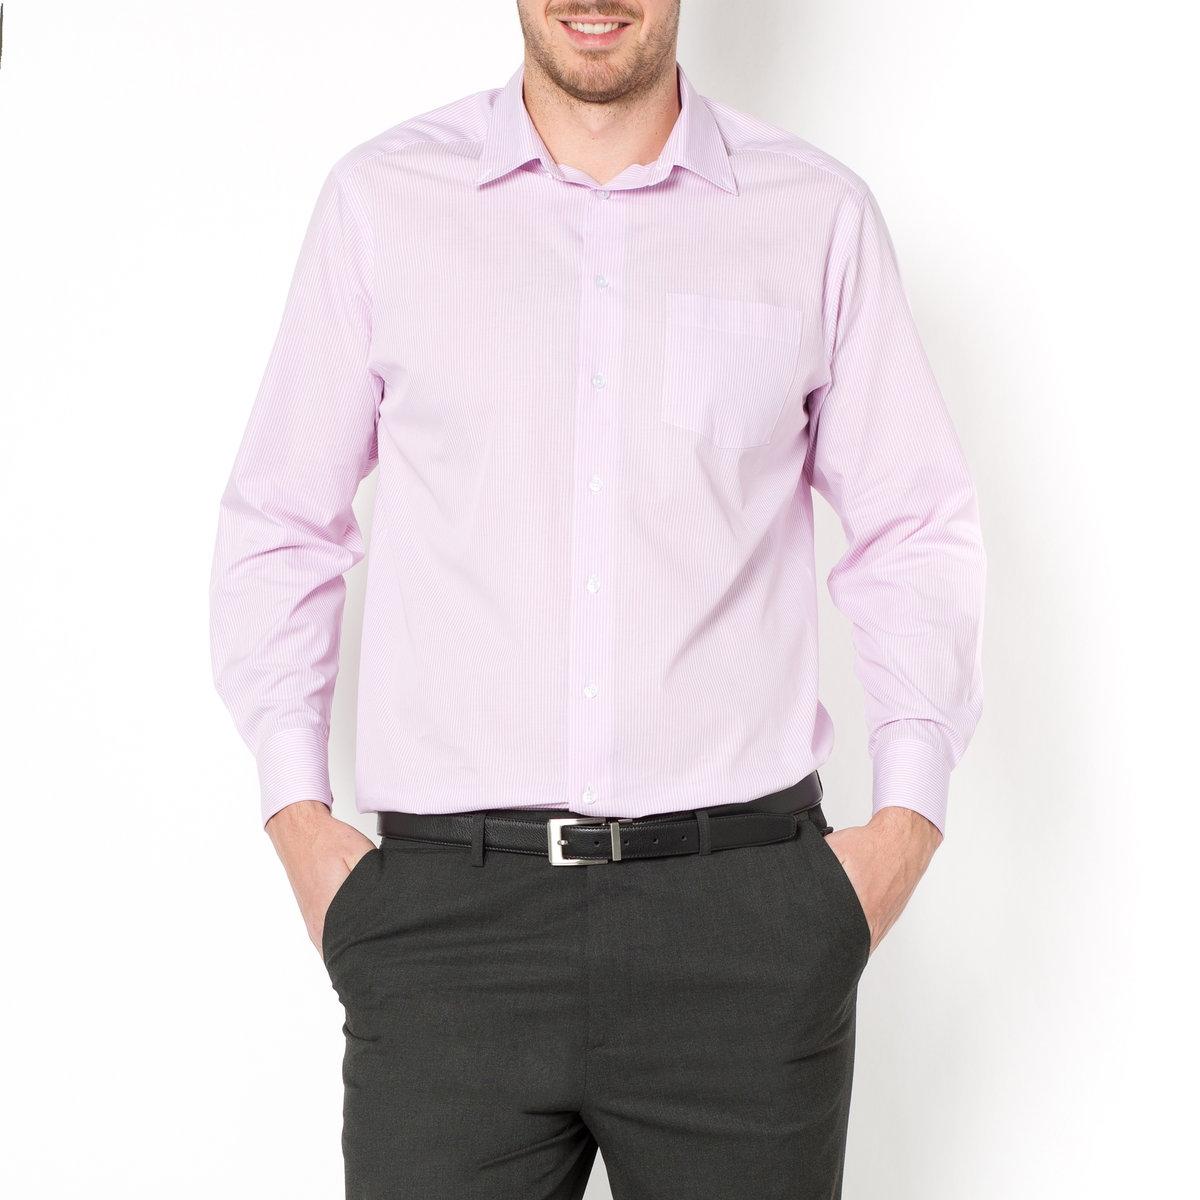 Рубашка, рост 3Обратите внимание, что бренд Taillissime создан для высоких, крупных мужчин с тенденцией к полноте. Чтобы узнать подходящий вам размер, сверьтесь с таблицей больших размеров на сайте.<br><br>Цвет: синий в полоску<br>Размер: 41/42